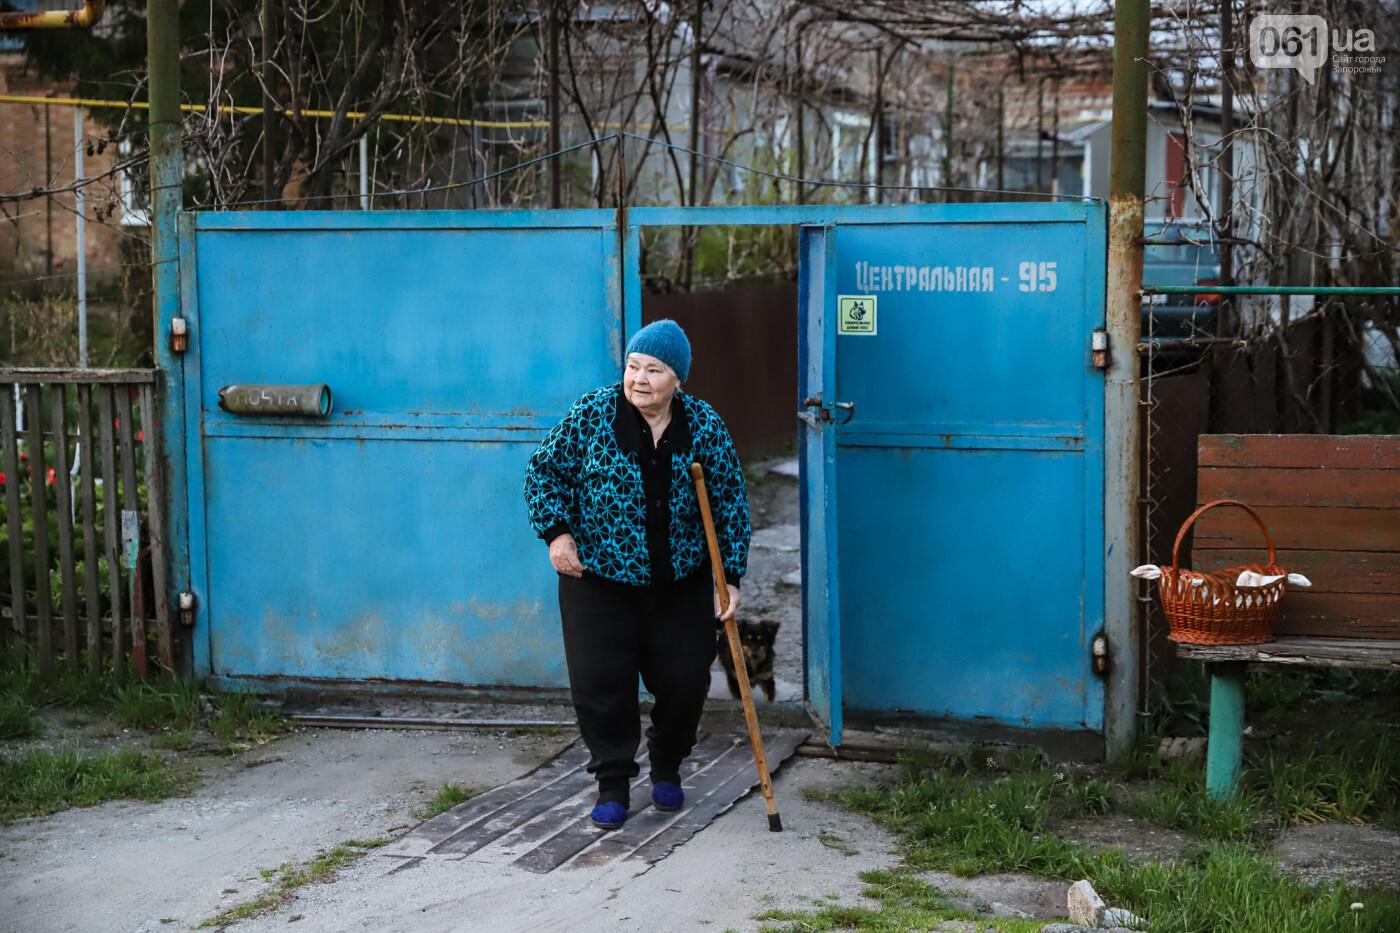 Освящение пасок у дворов на сельских улицах и полицейские возле храмов вместо прихожан: как празднуют Пасху в Запорожье, - ФОТОРЕПОРТАЖ, фото-17